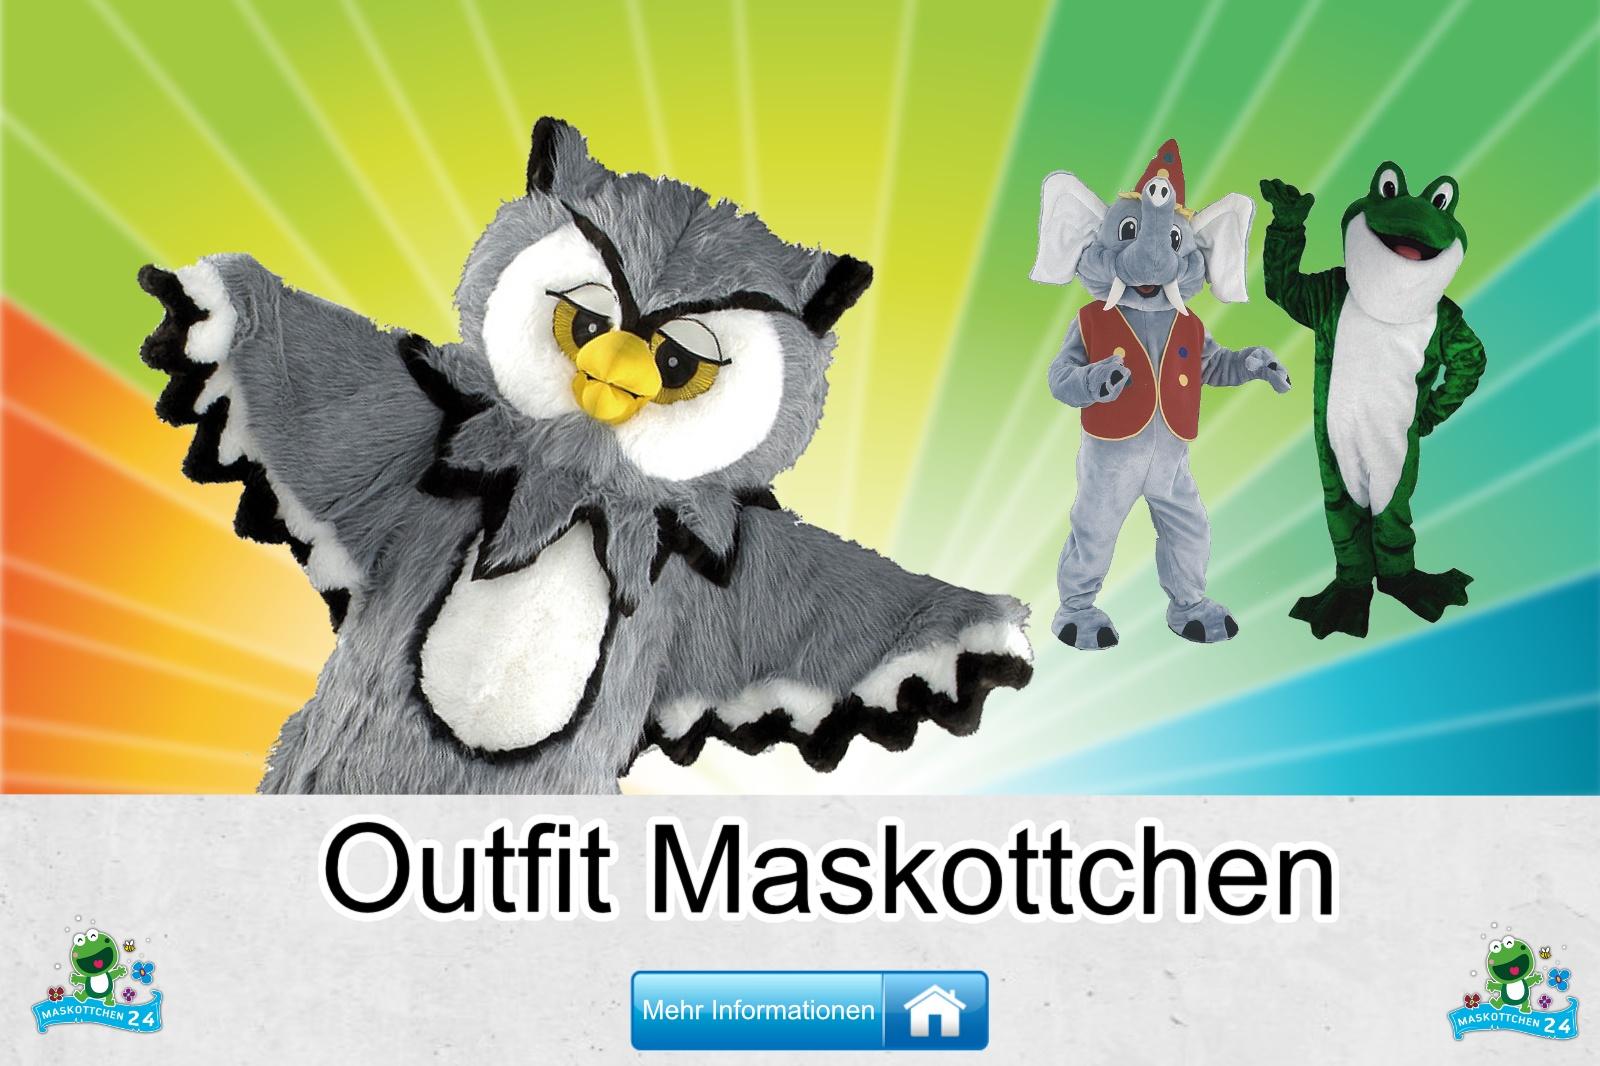 Outfit Kostüm kaufen, günstige Produktion / Herstellung